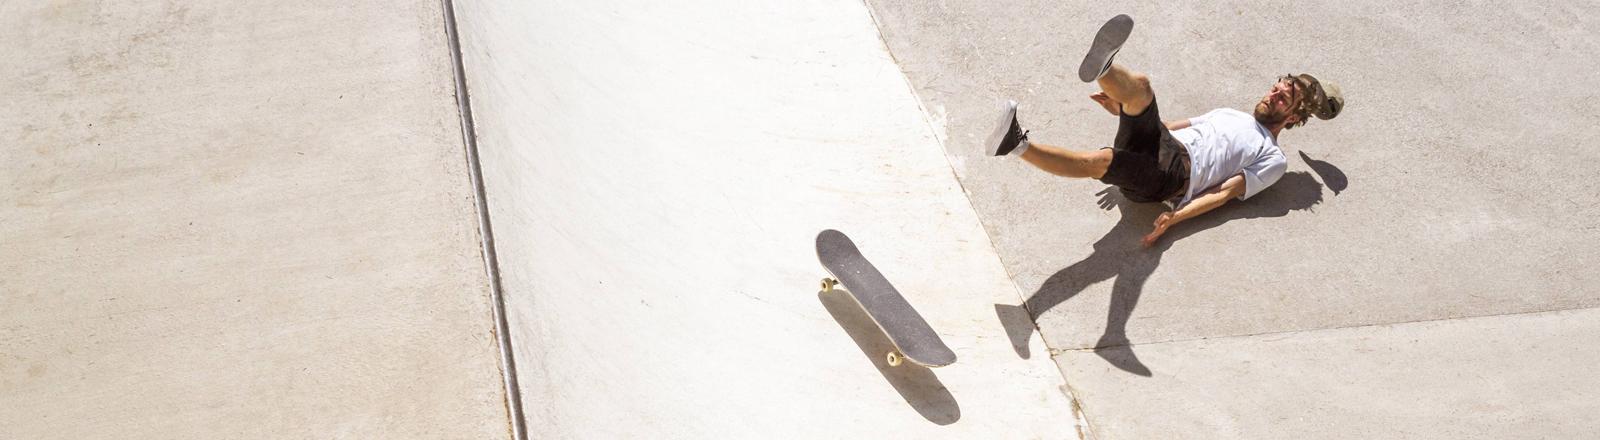 Mann stürzt mit Skateboard